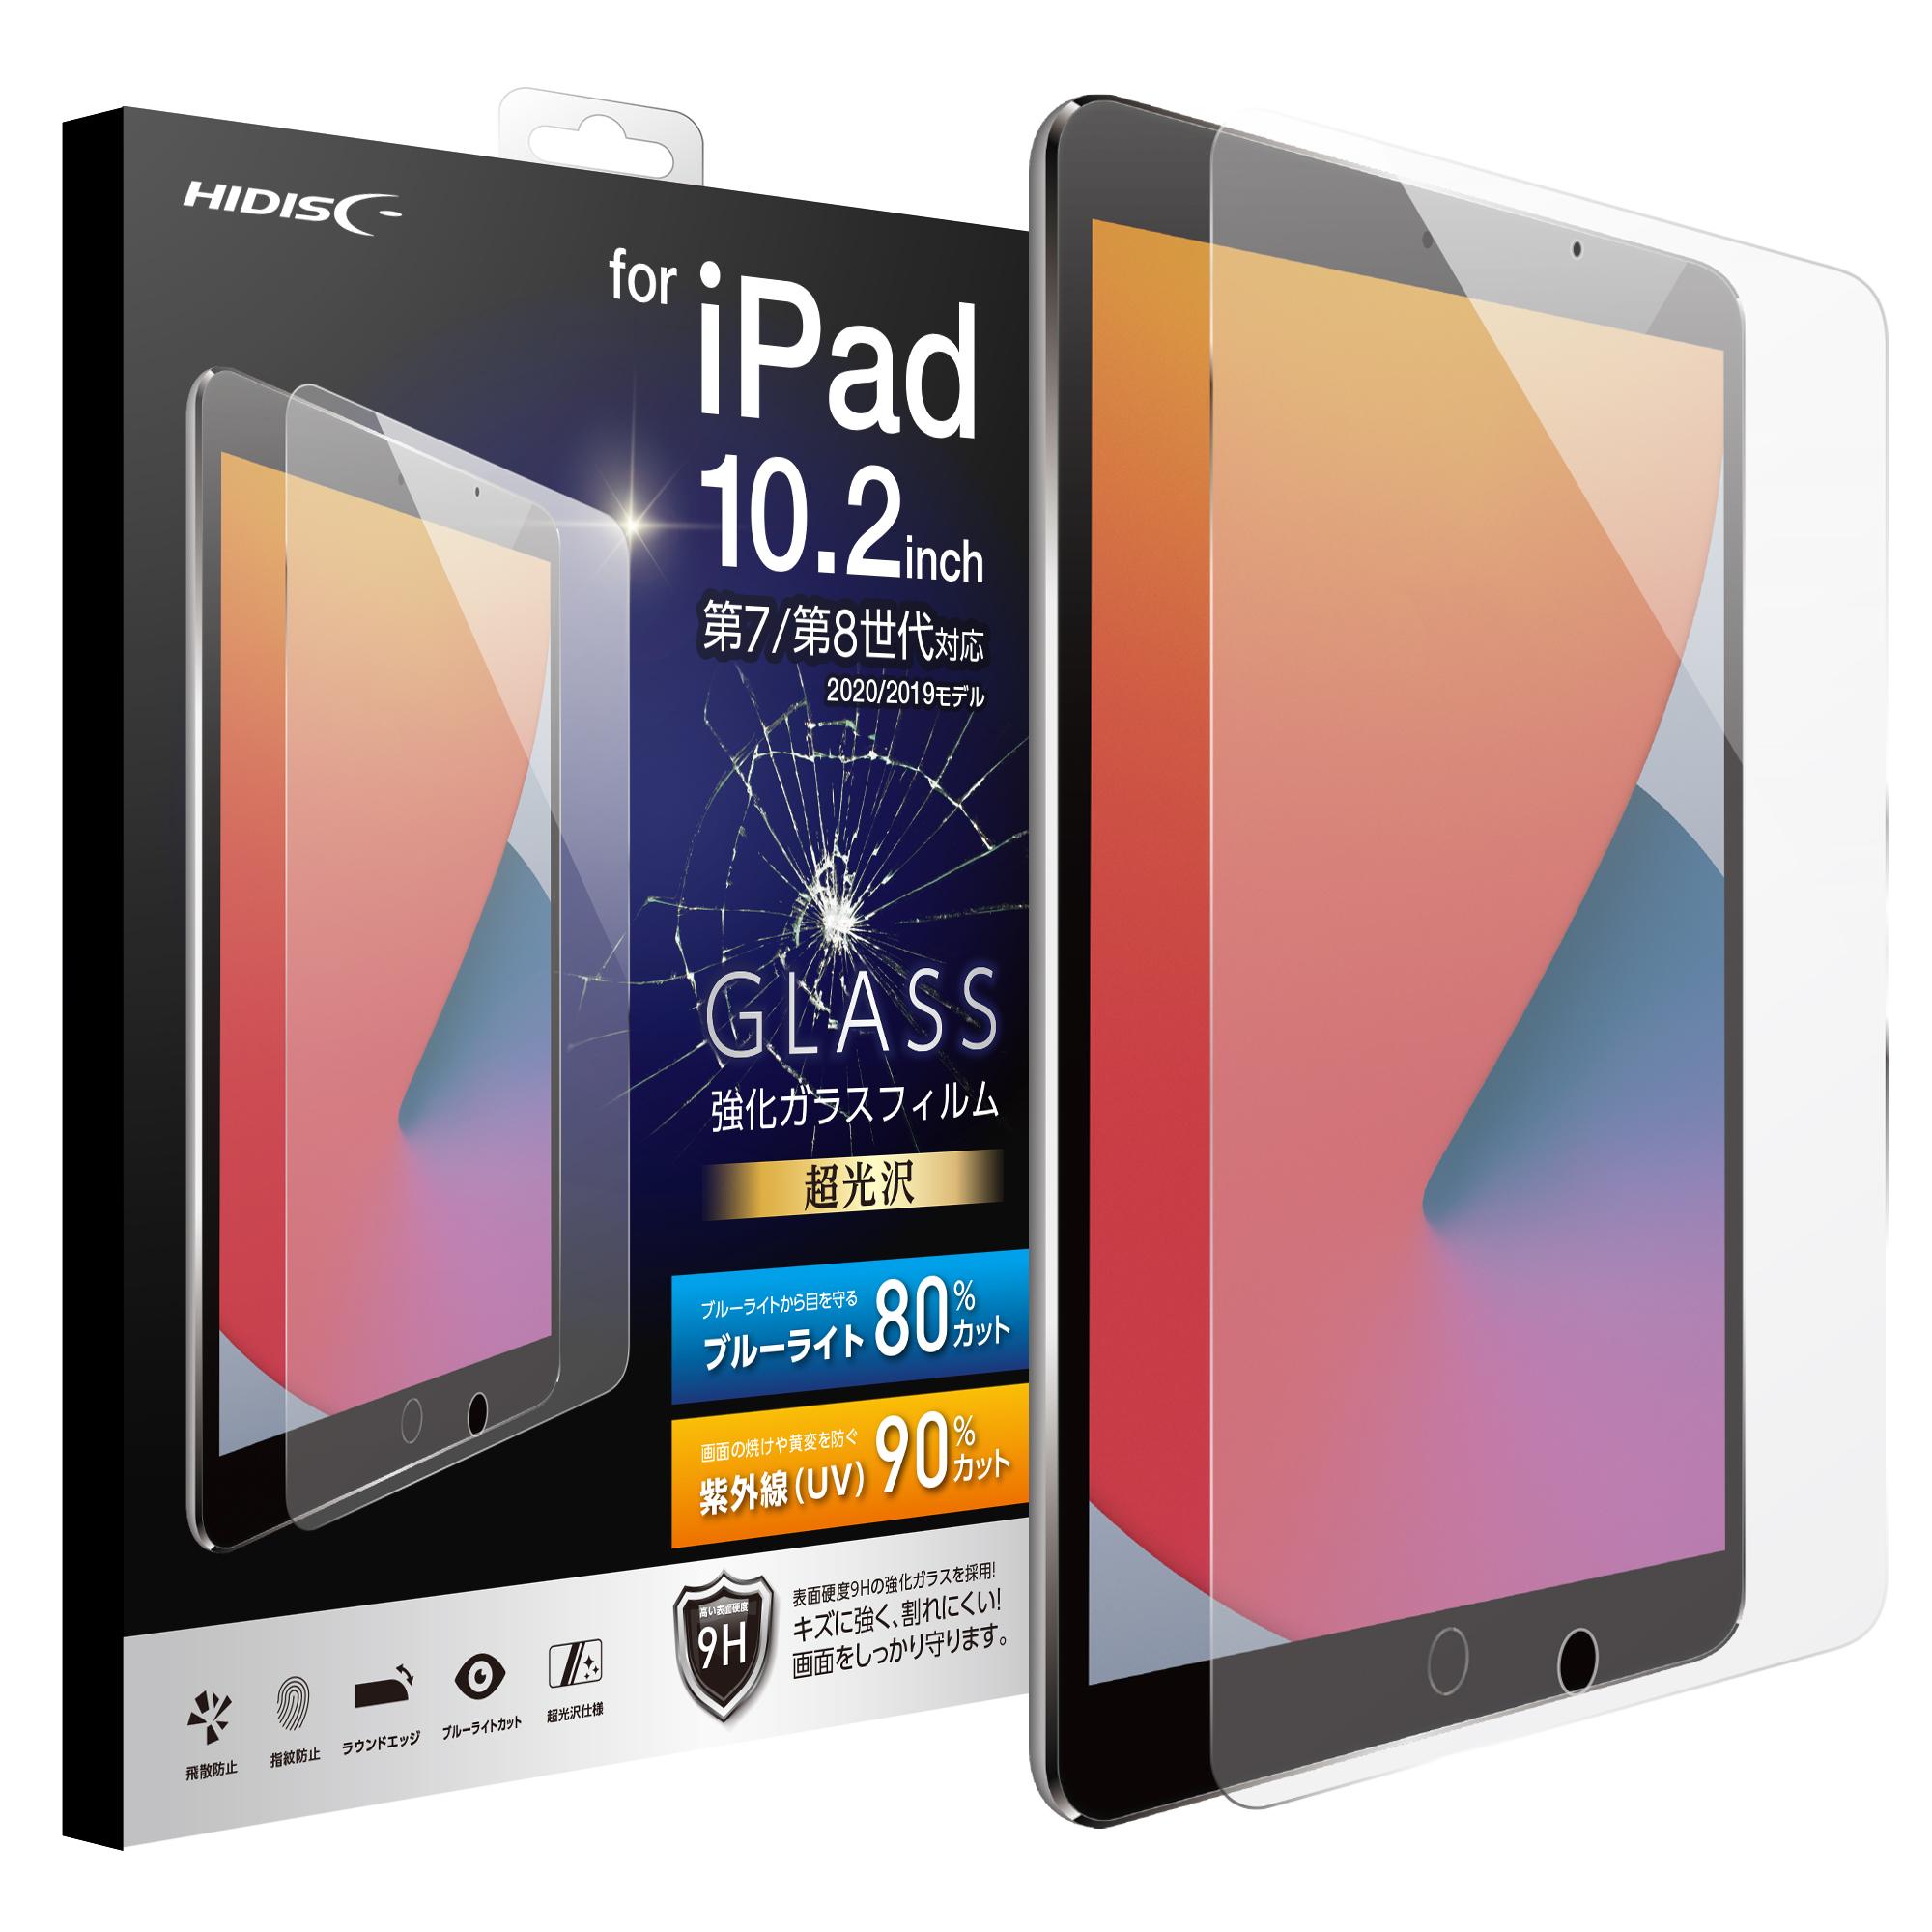 HIDISC for iPad10.2inch 第7/第8世代対応 ブルーライトカット 強化ガラスフィルム